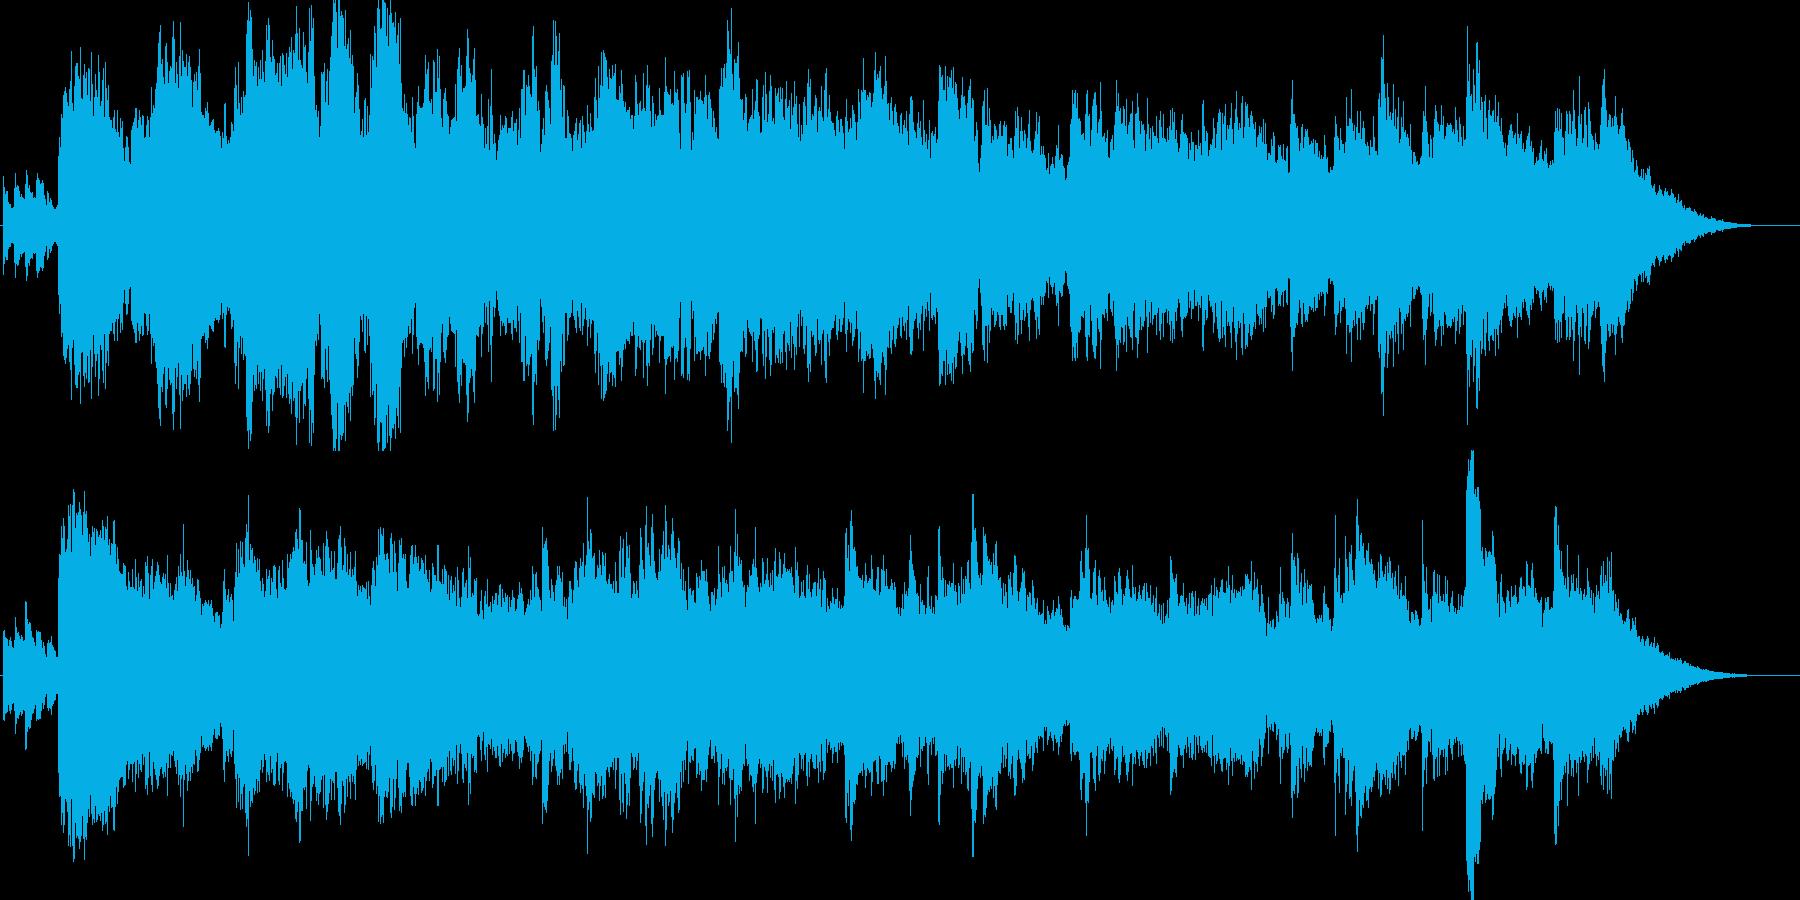 別れを演出するバイオリン・ストリングスの再生済みの波形